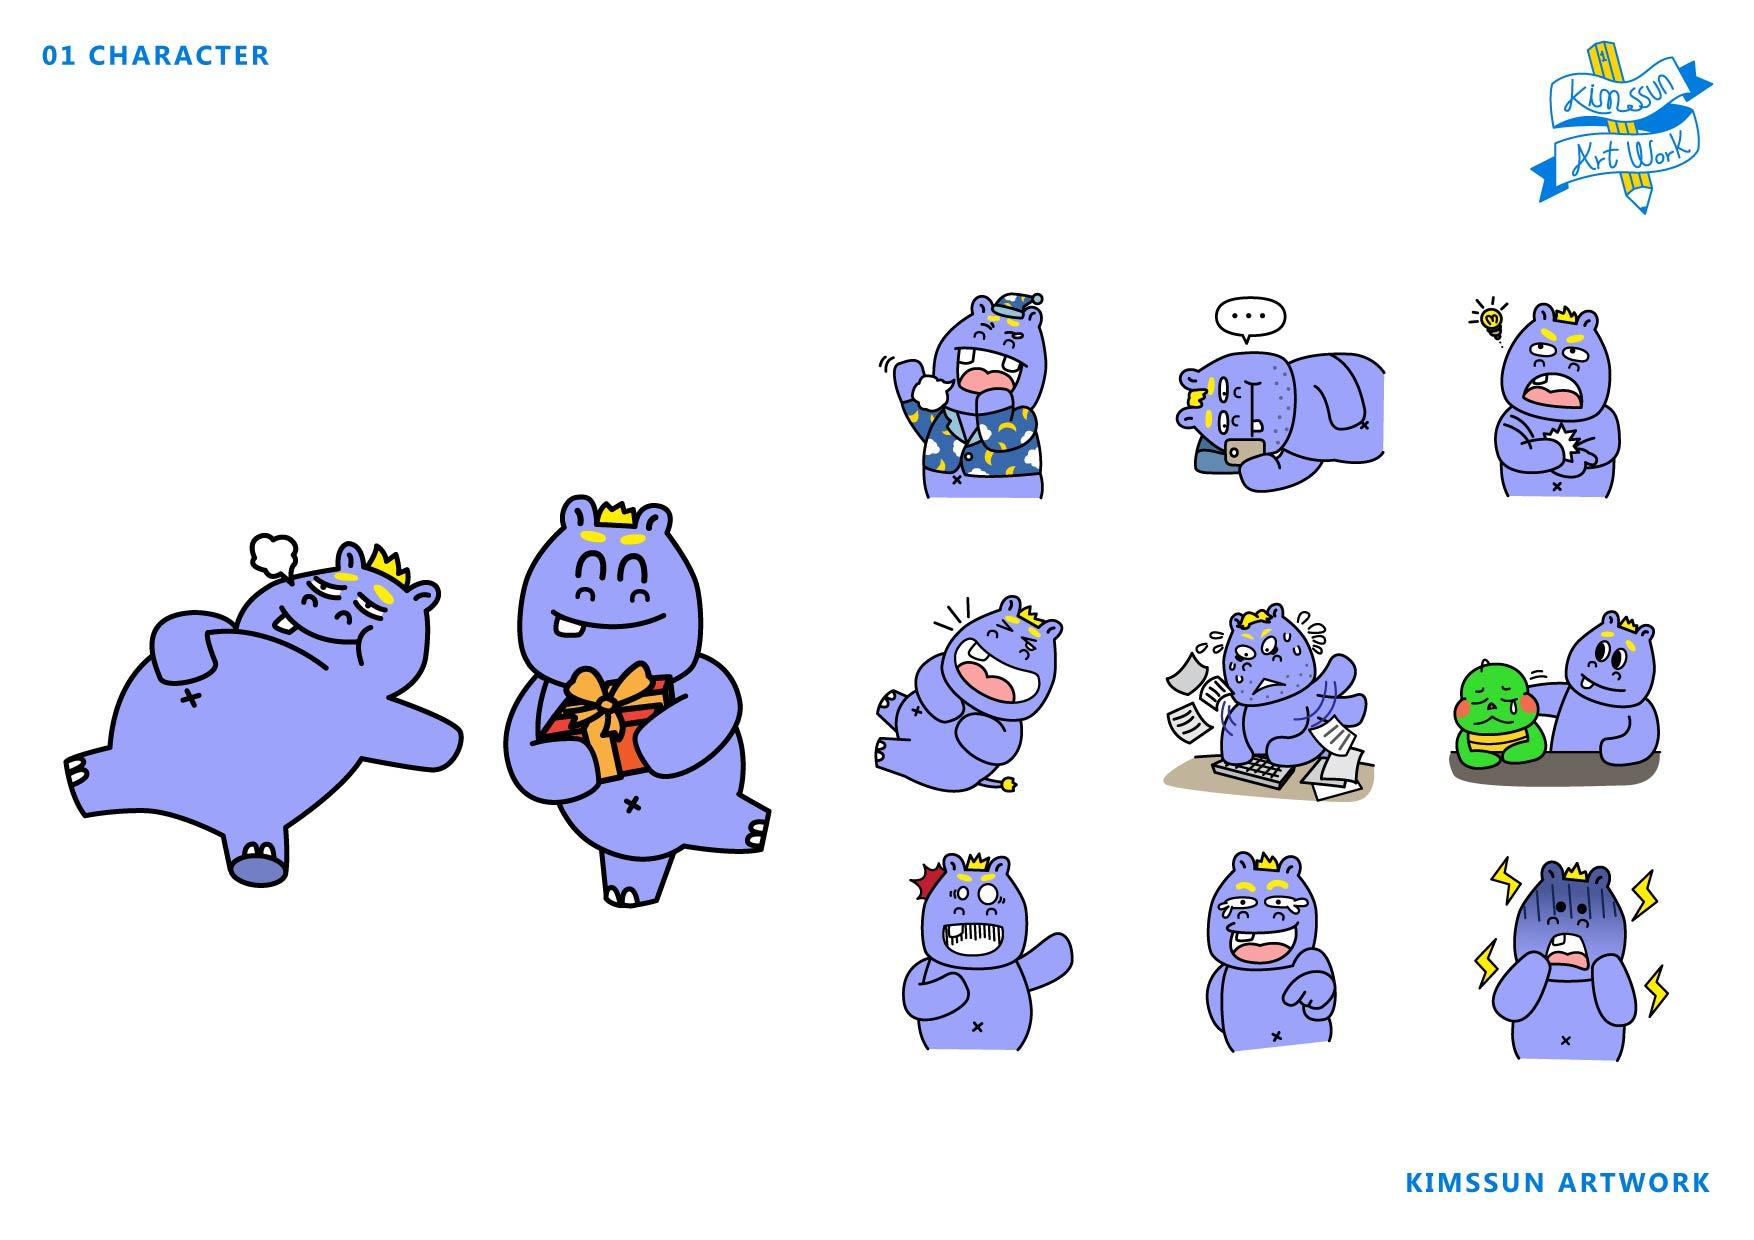 킴썬아트워크 캐릭터 포트폴리오-20